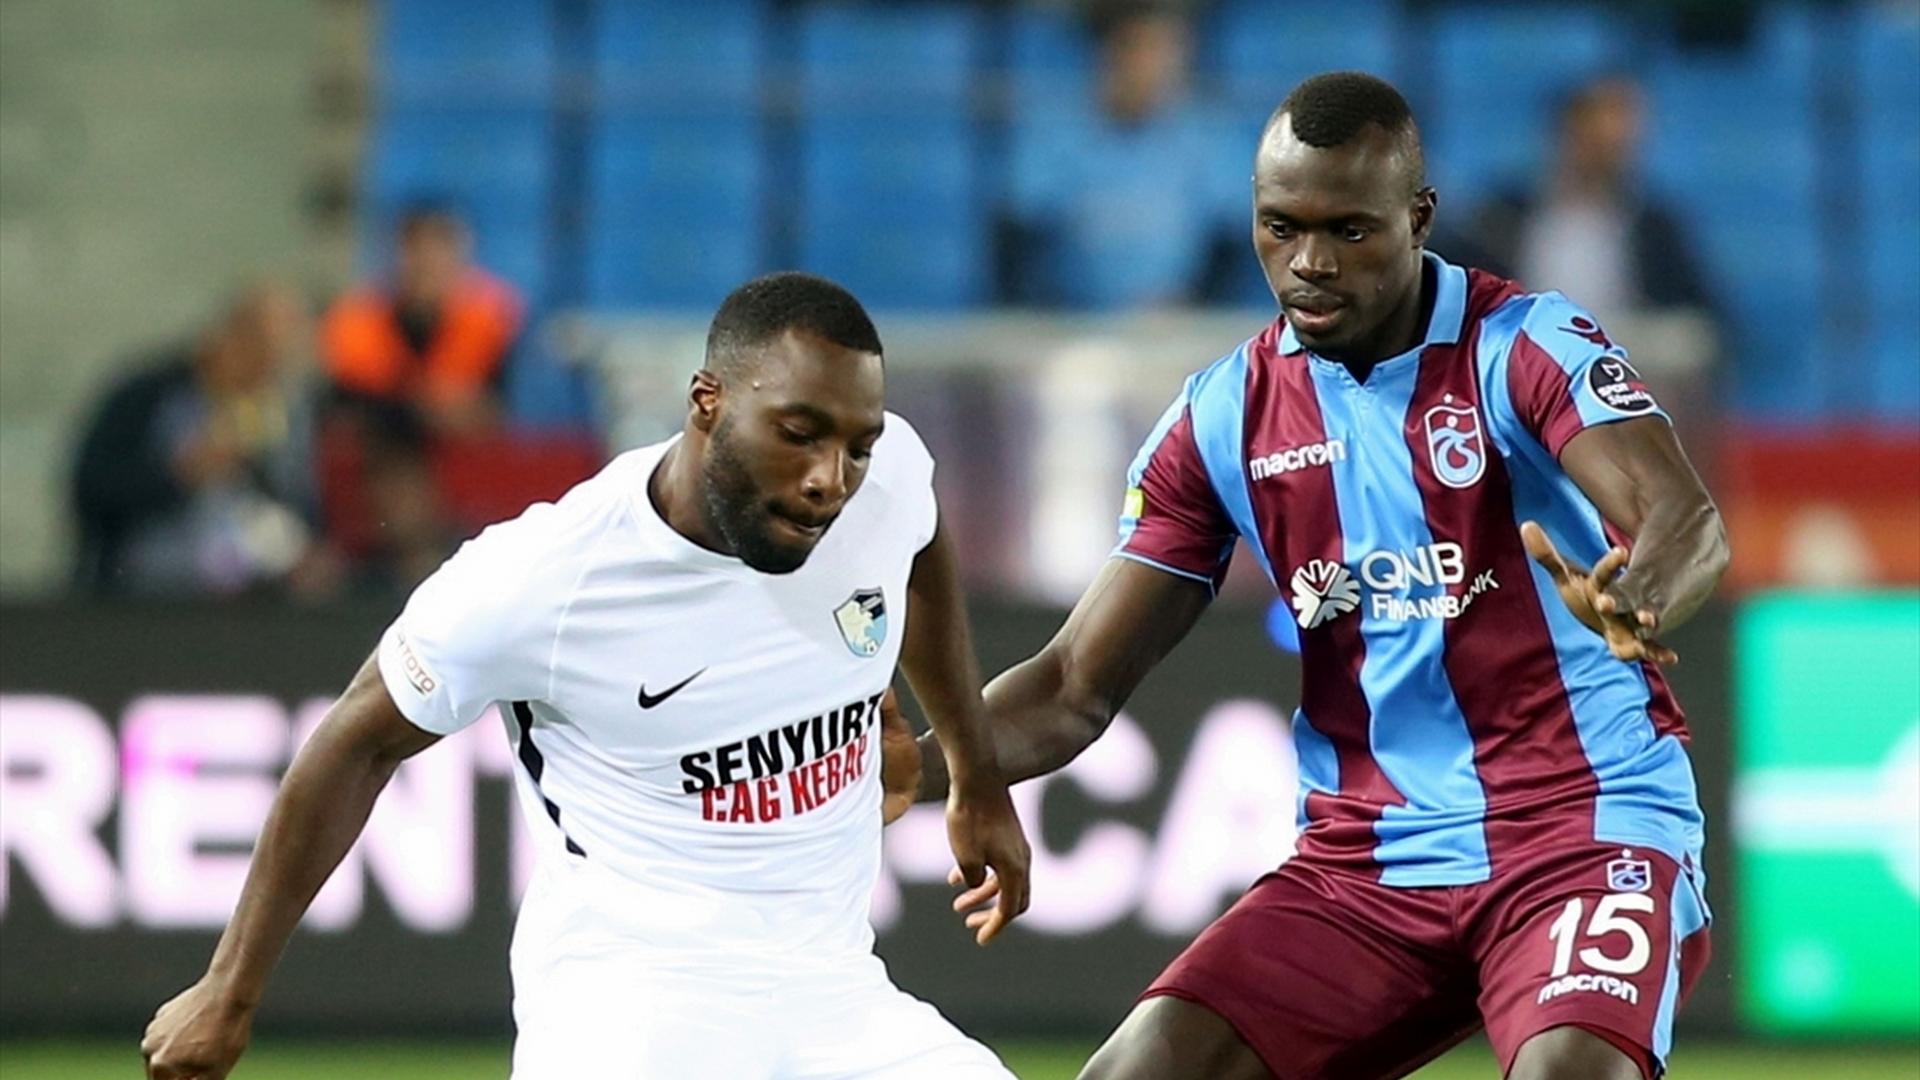 Turkish club Genclerbirligi sign Senegal's Zargo Toure from Trabzonspor